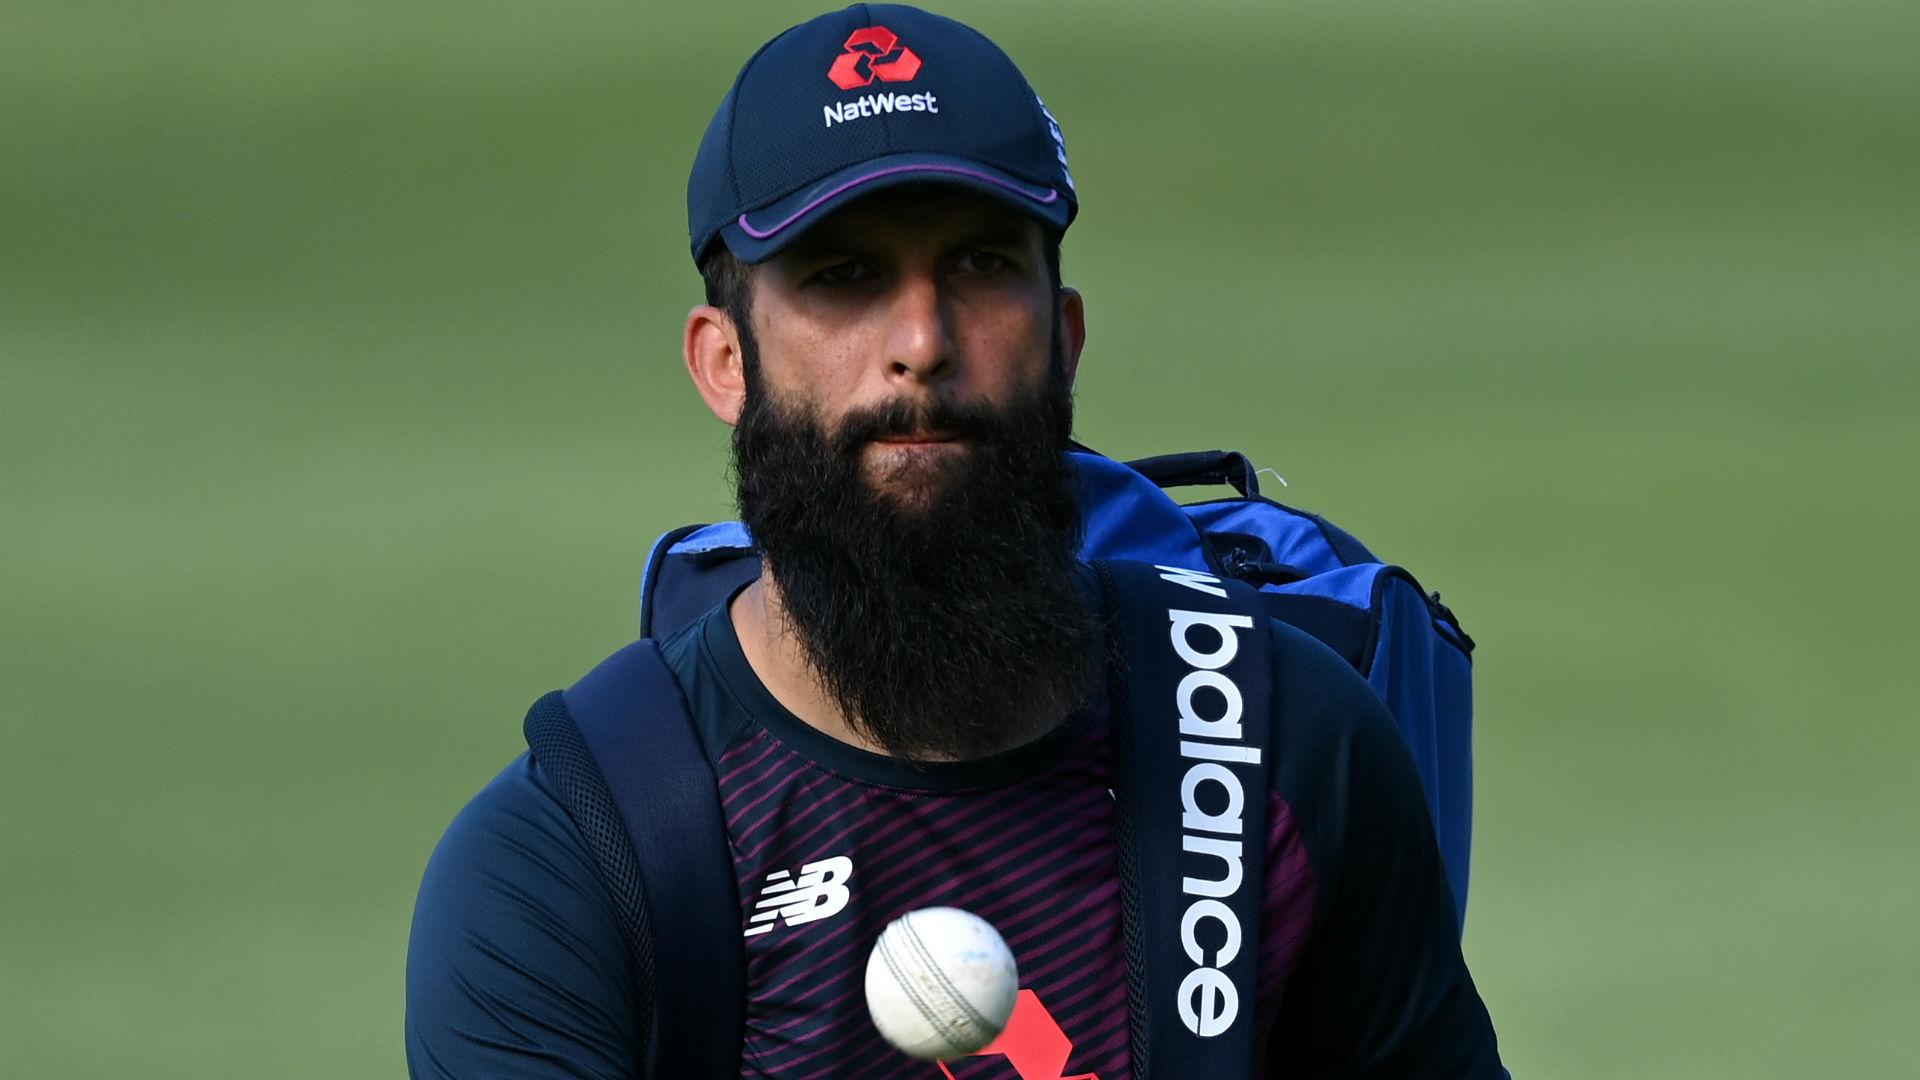 England all-rounder Moeen Ali tests positive for coronavirus in Sri Lanka